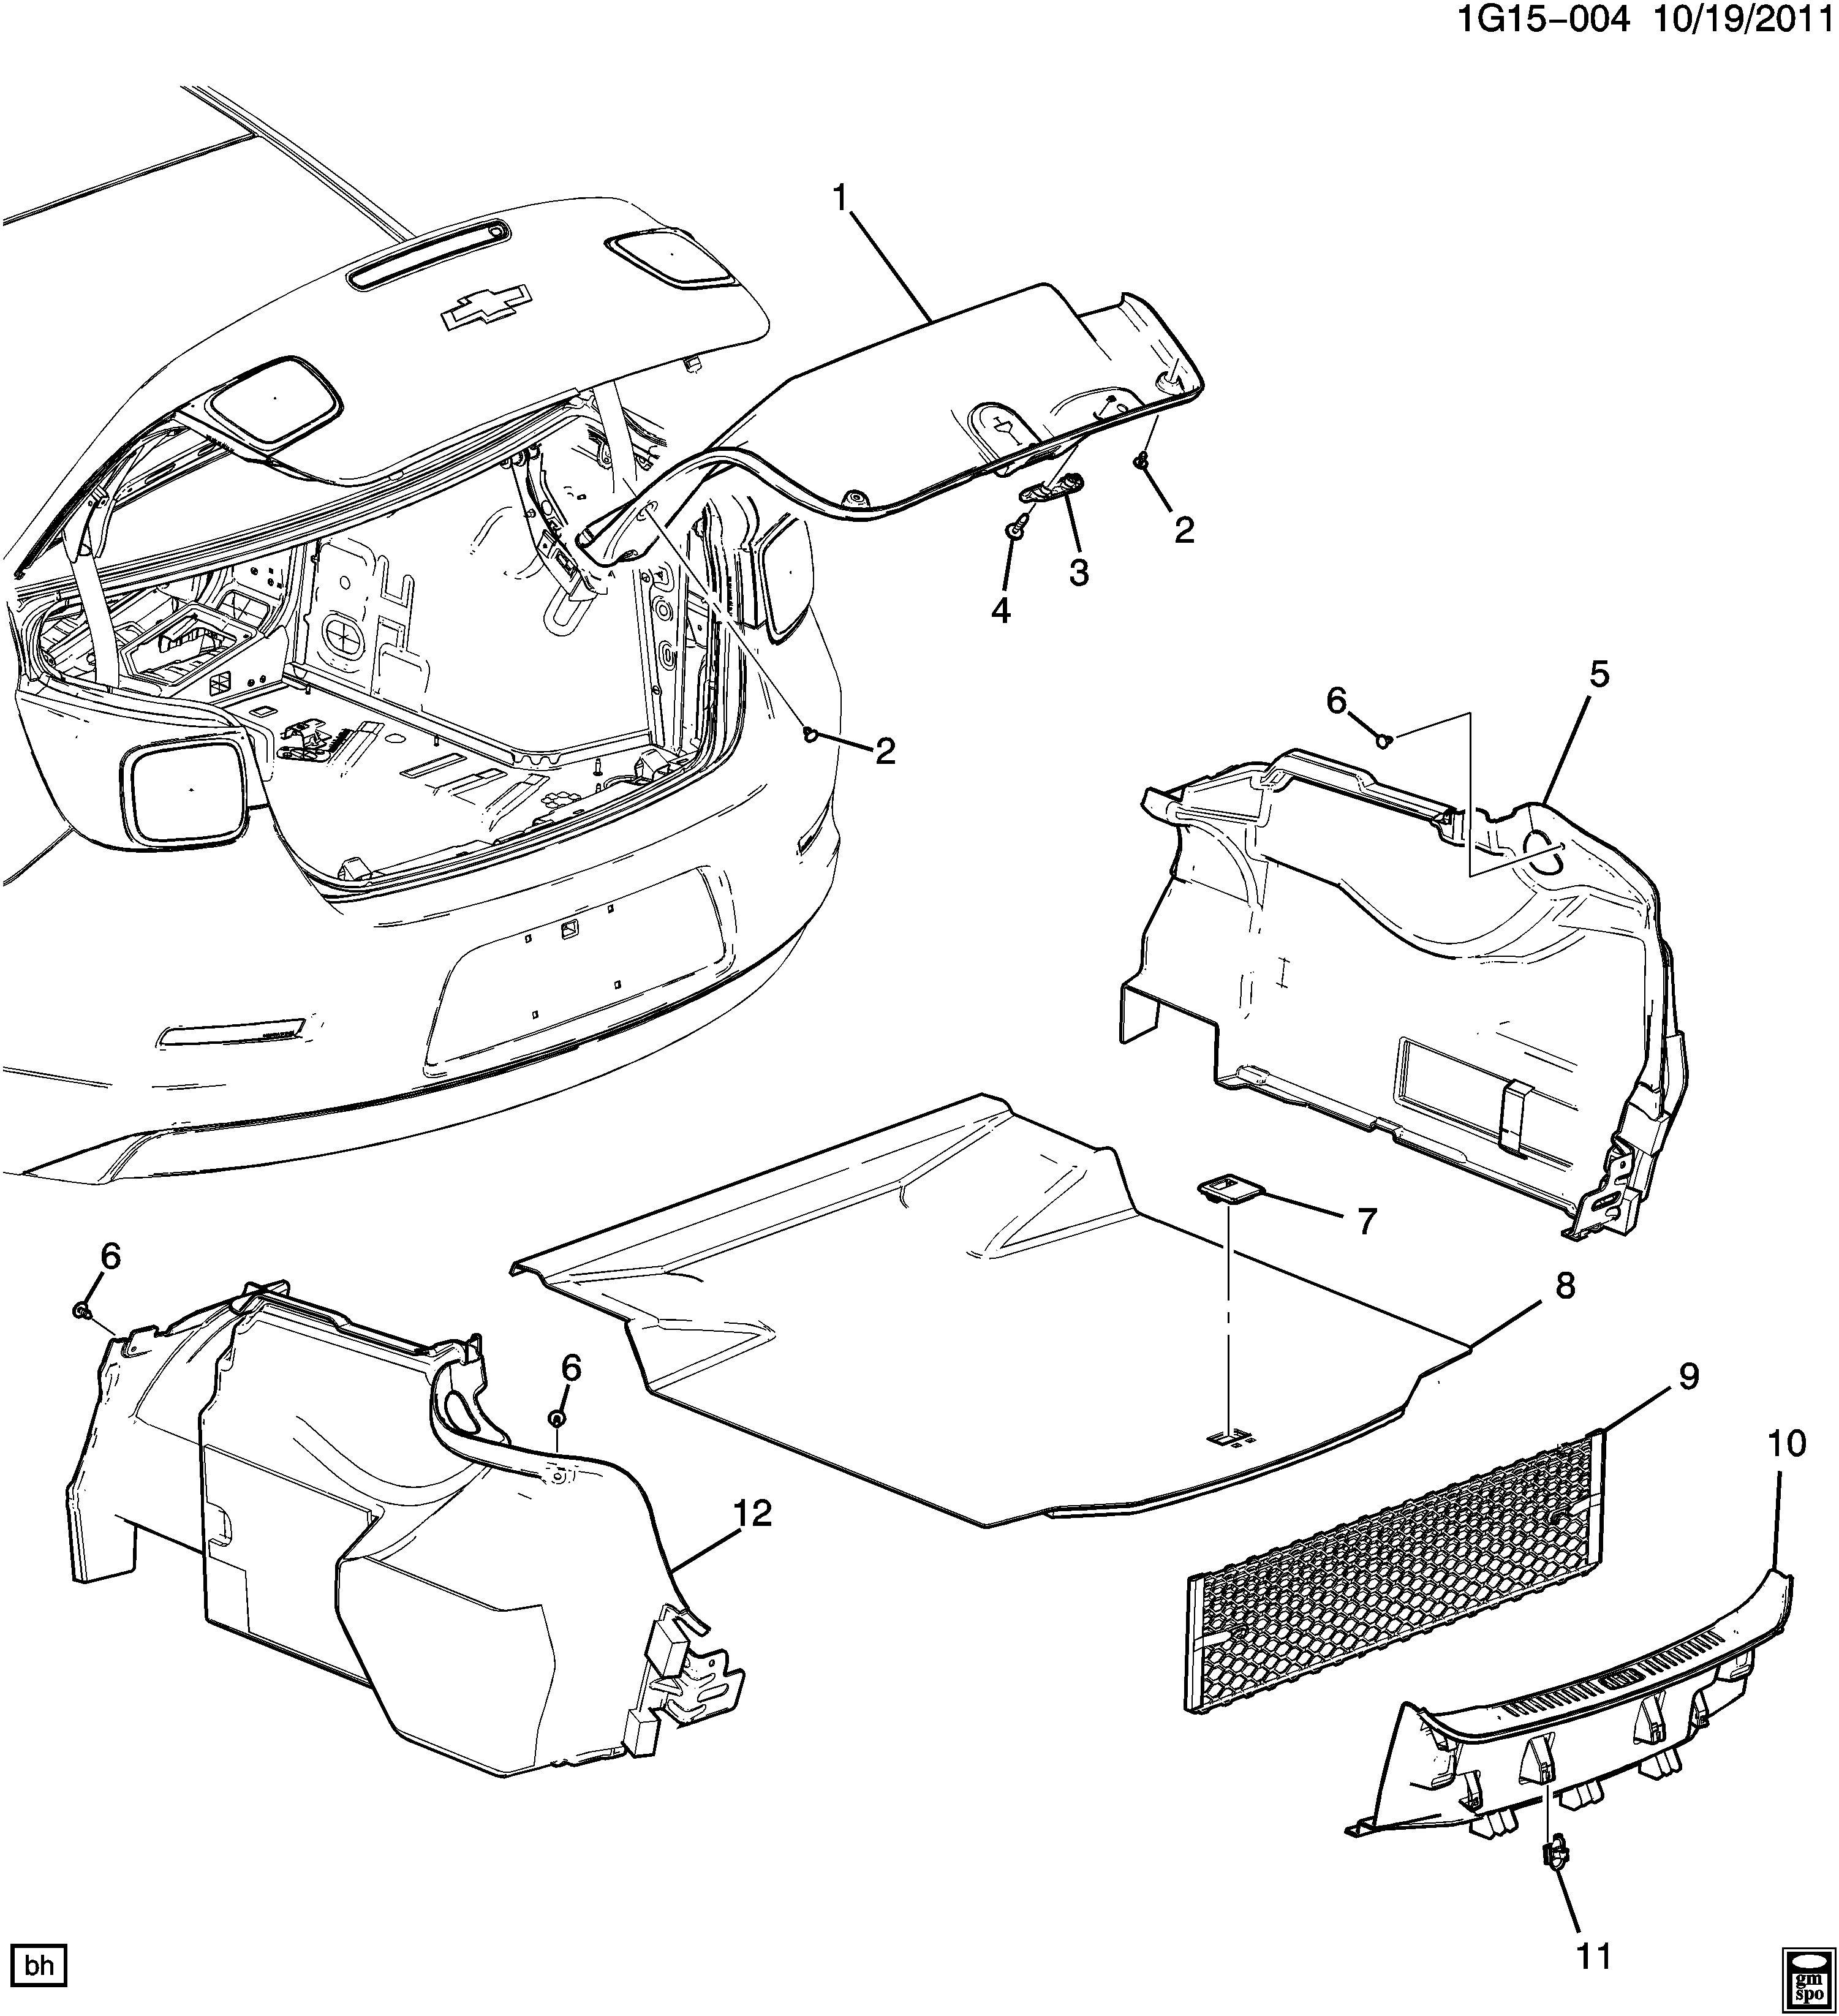 Chevrolet Malibu Floor Mat. TRUNK COMPARTMENT, w/o Eco